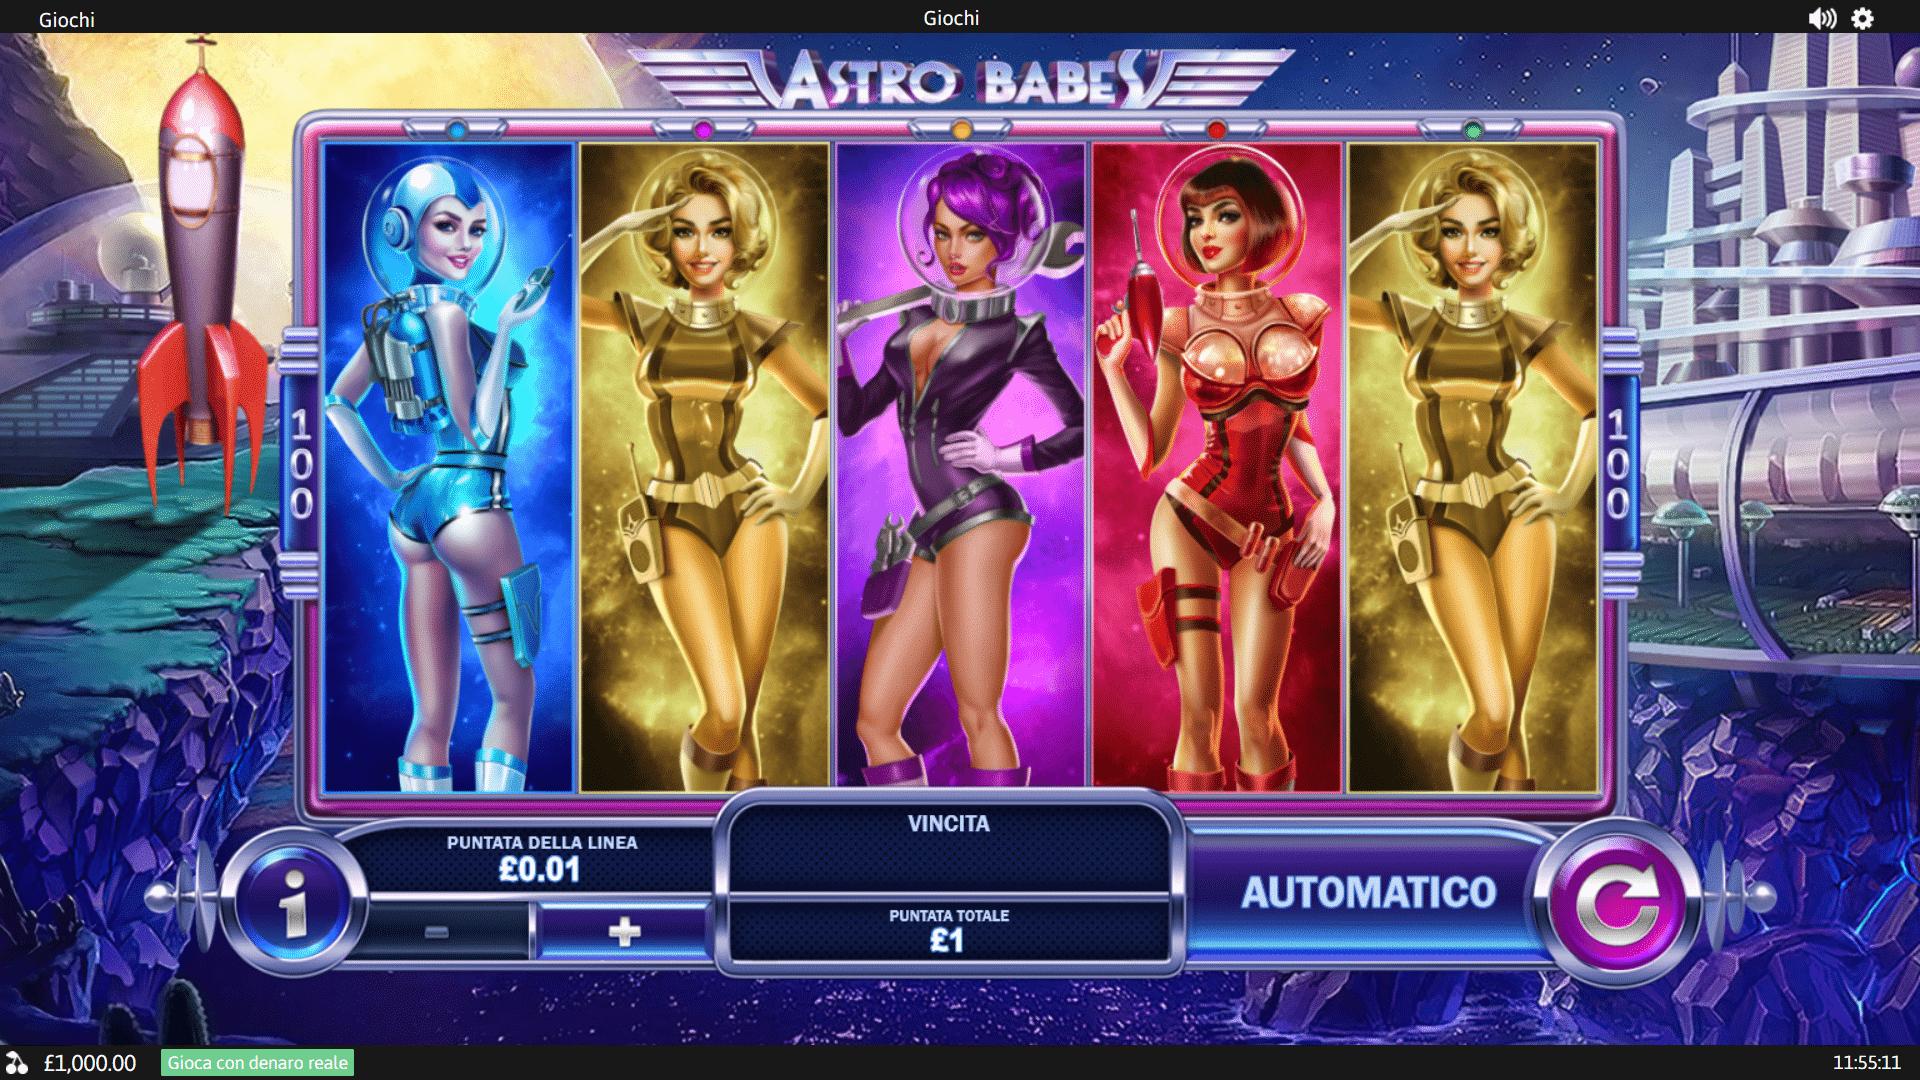 Slot Astro Babes